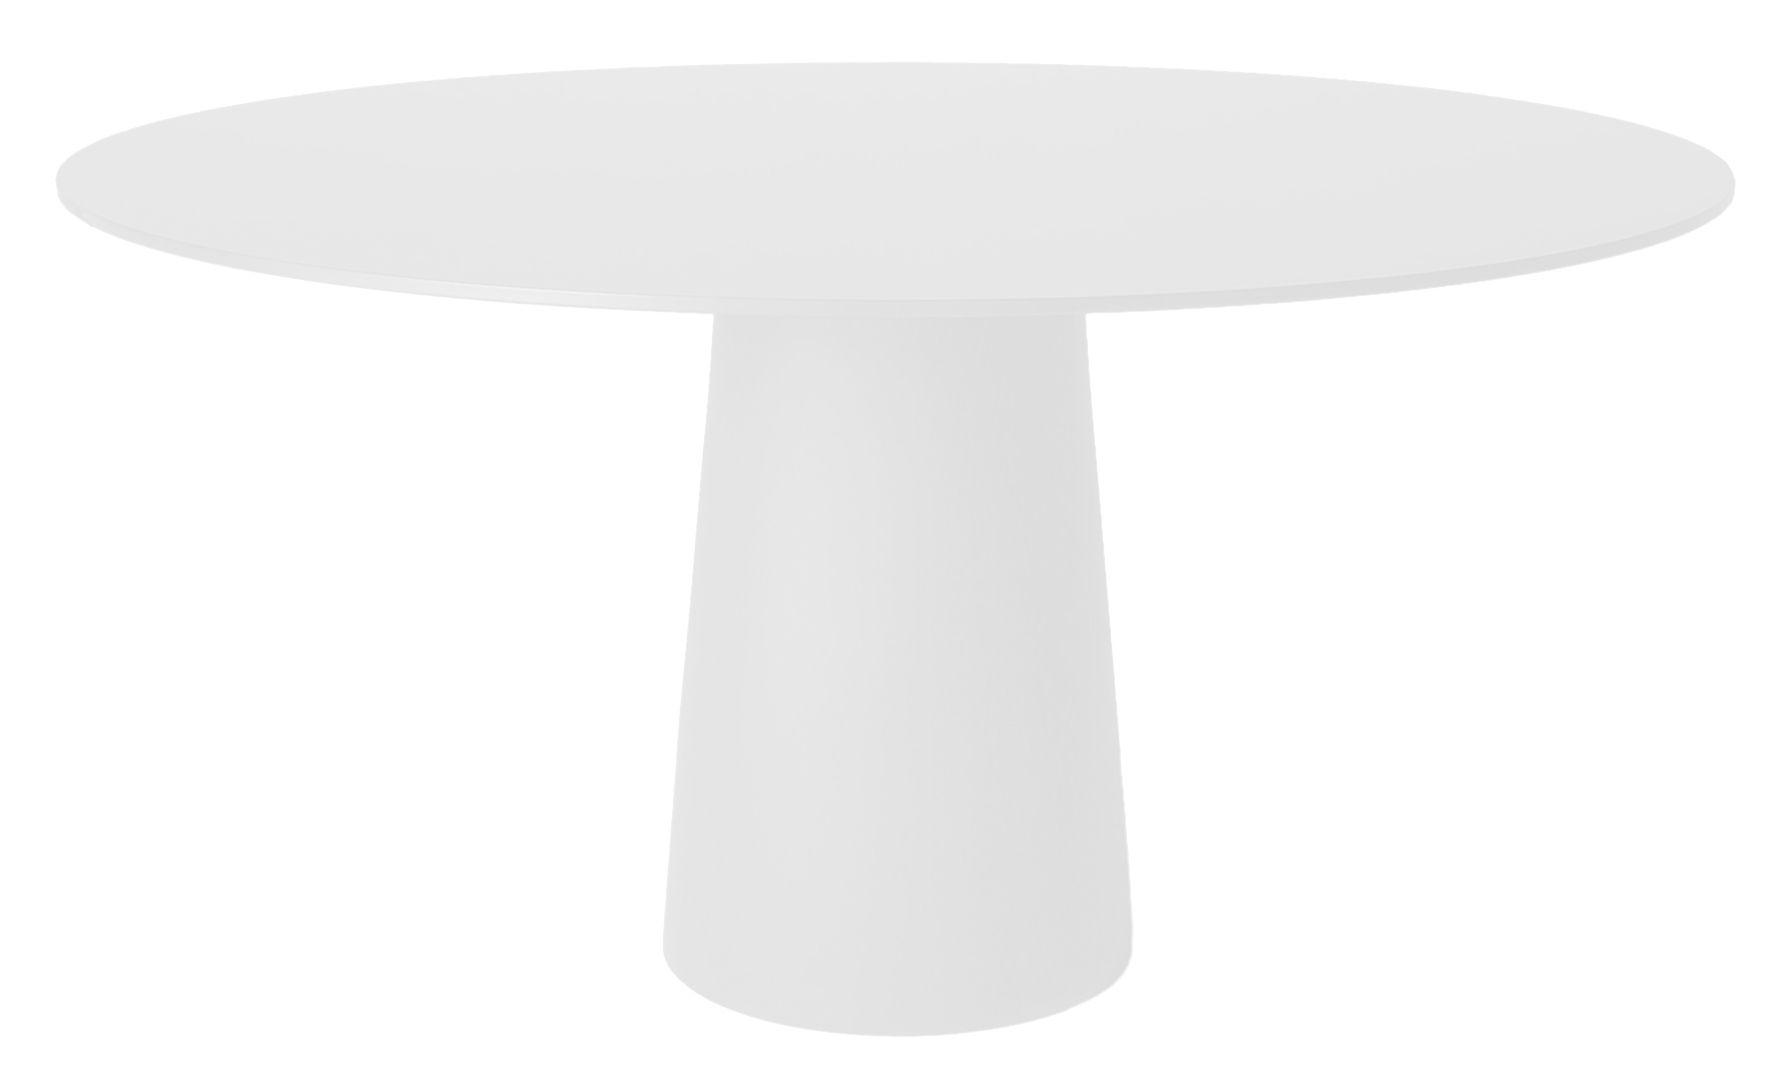 Jardin - Tables de jardin - Pied de table Container / H 70 cm - Pour plateau Ø 140 cm - Moooi - Pied blanc Ø 43 x H 70 cm - Polypropylène